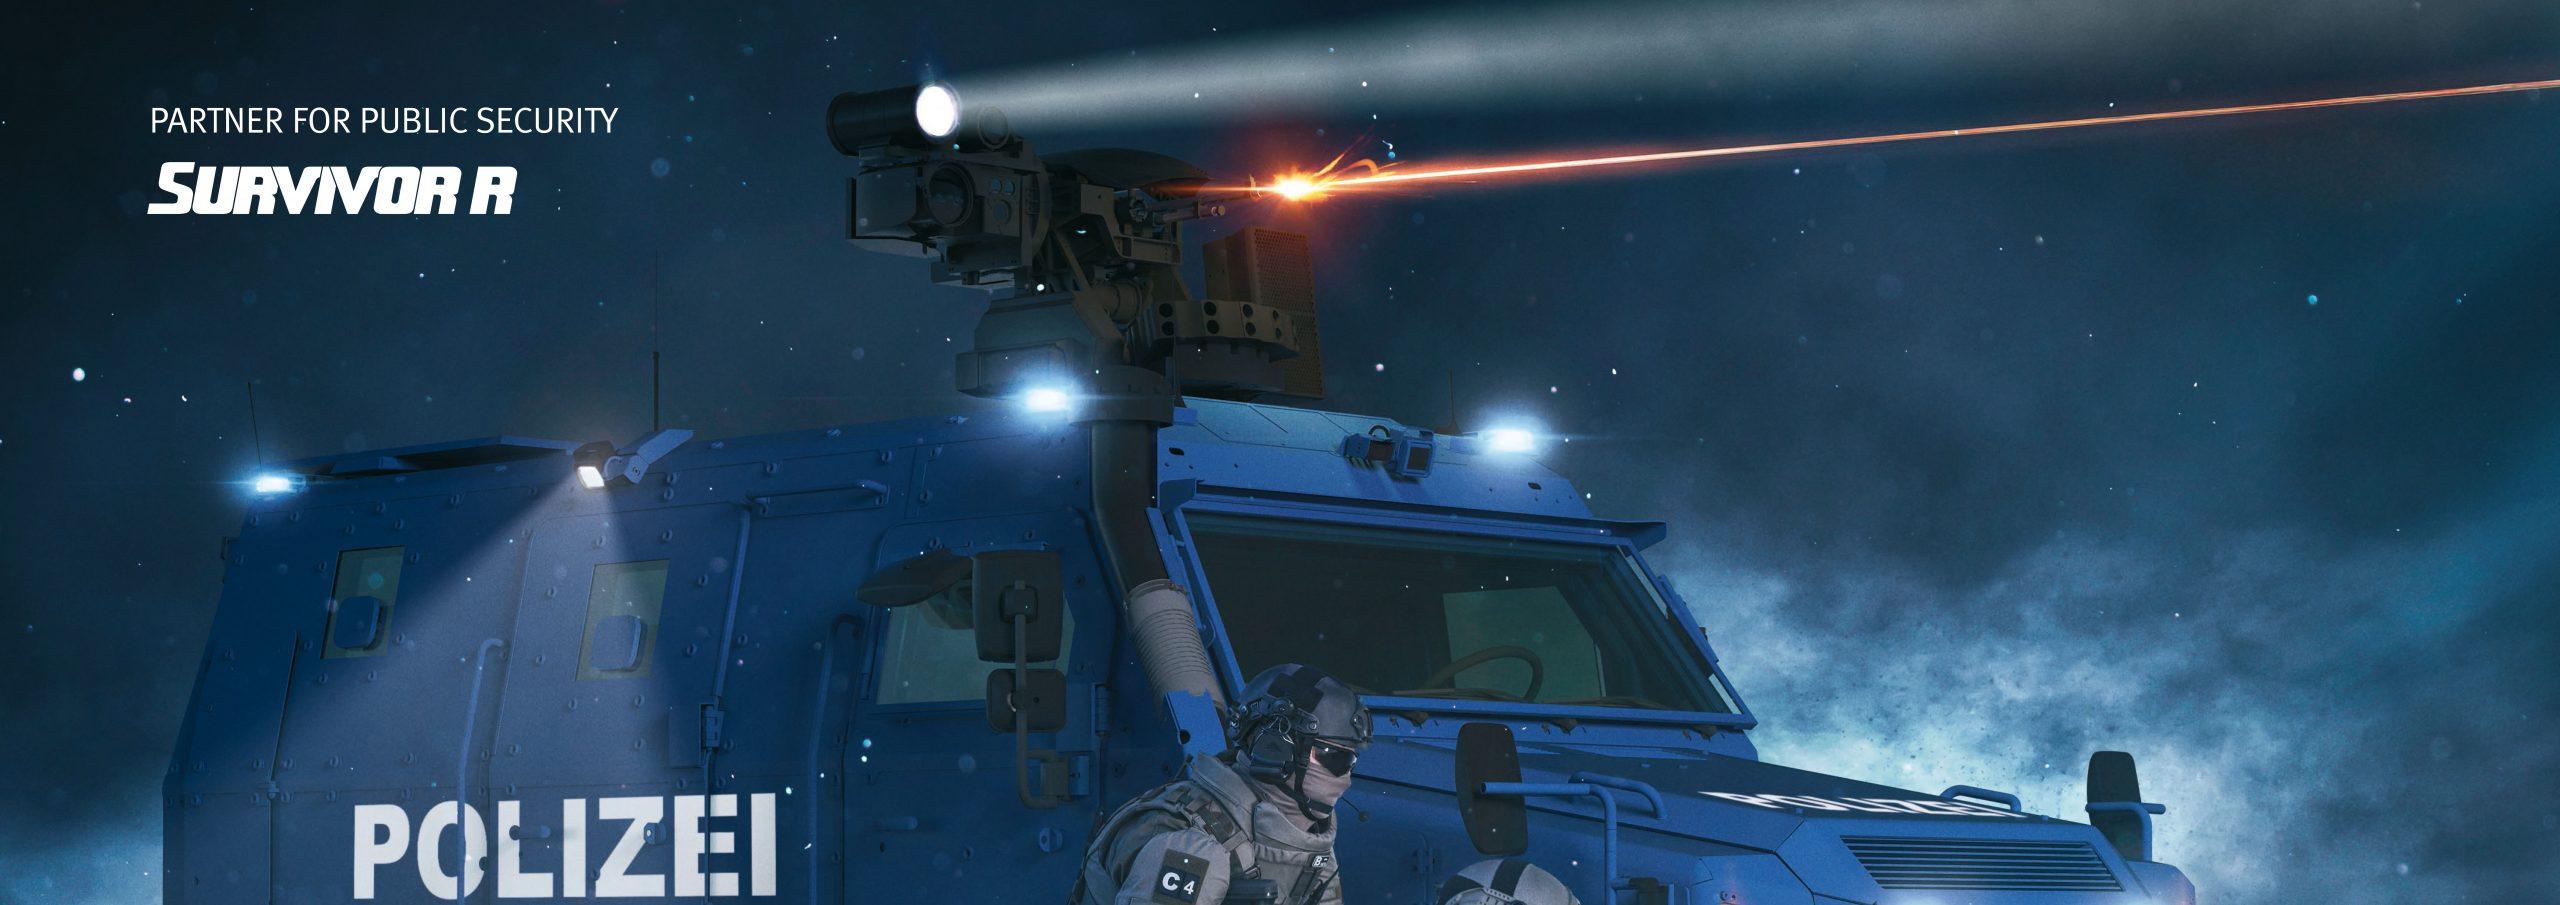 Rheinmetall Survivor R Polizei mit AHD M-215X